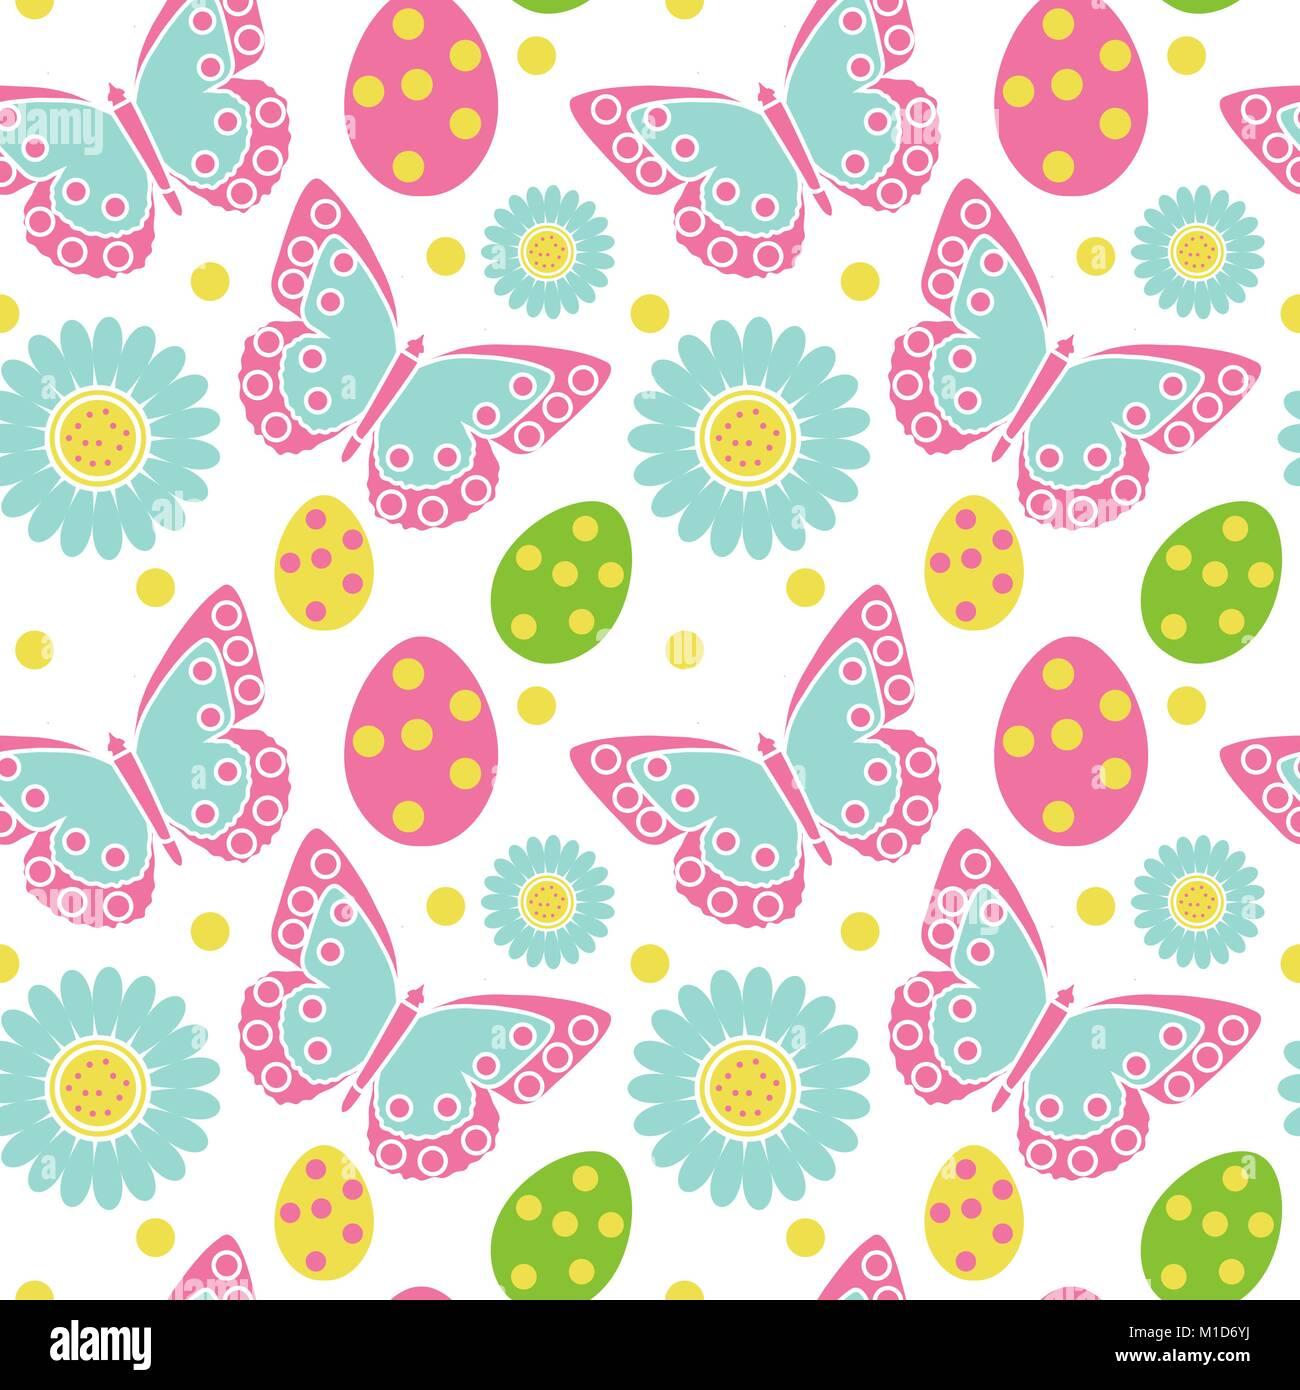 Carta Da Parati Bambini Texture.Carino Pasqua Pattern Senza Giunture Molla Texture Ripetitive